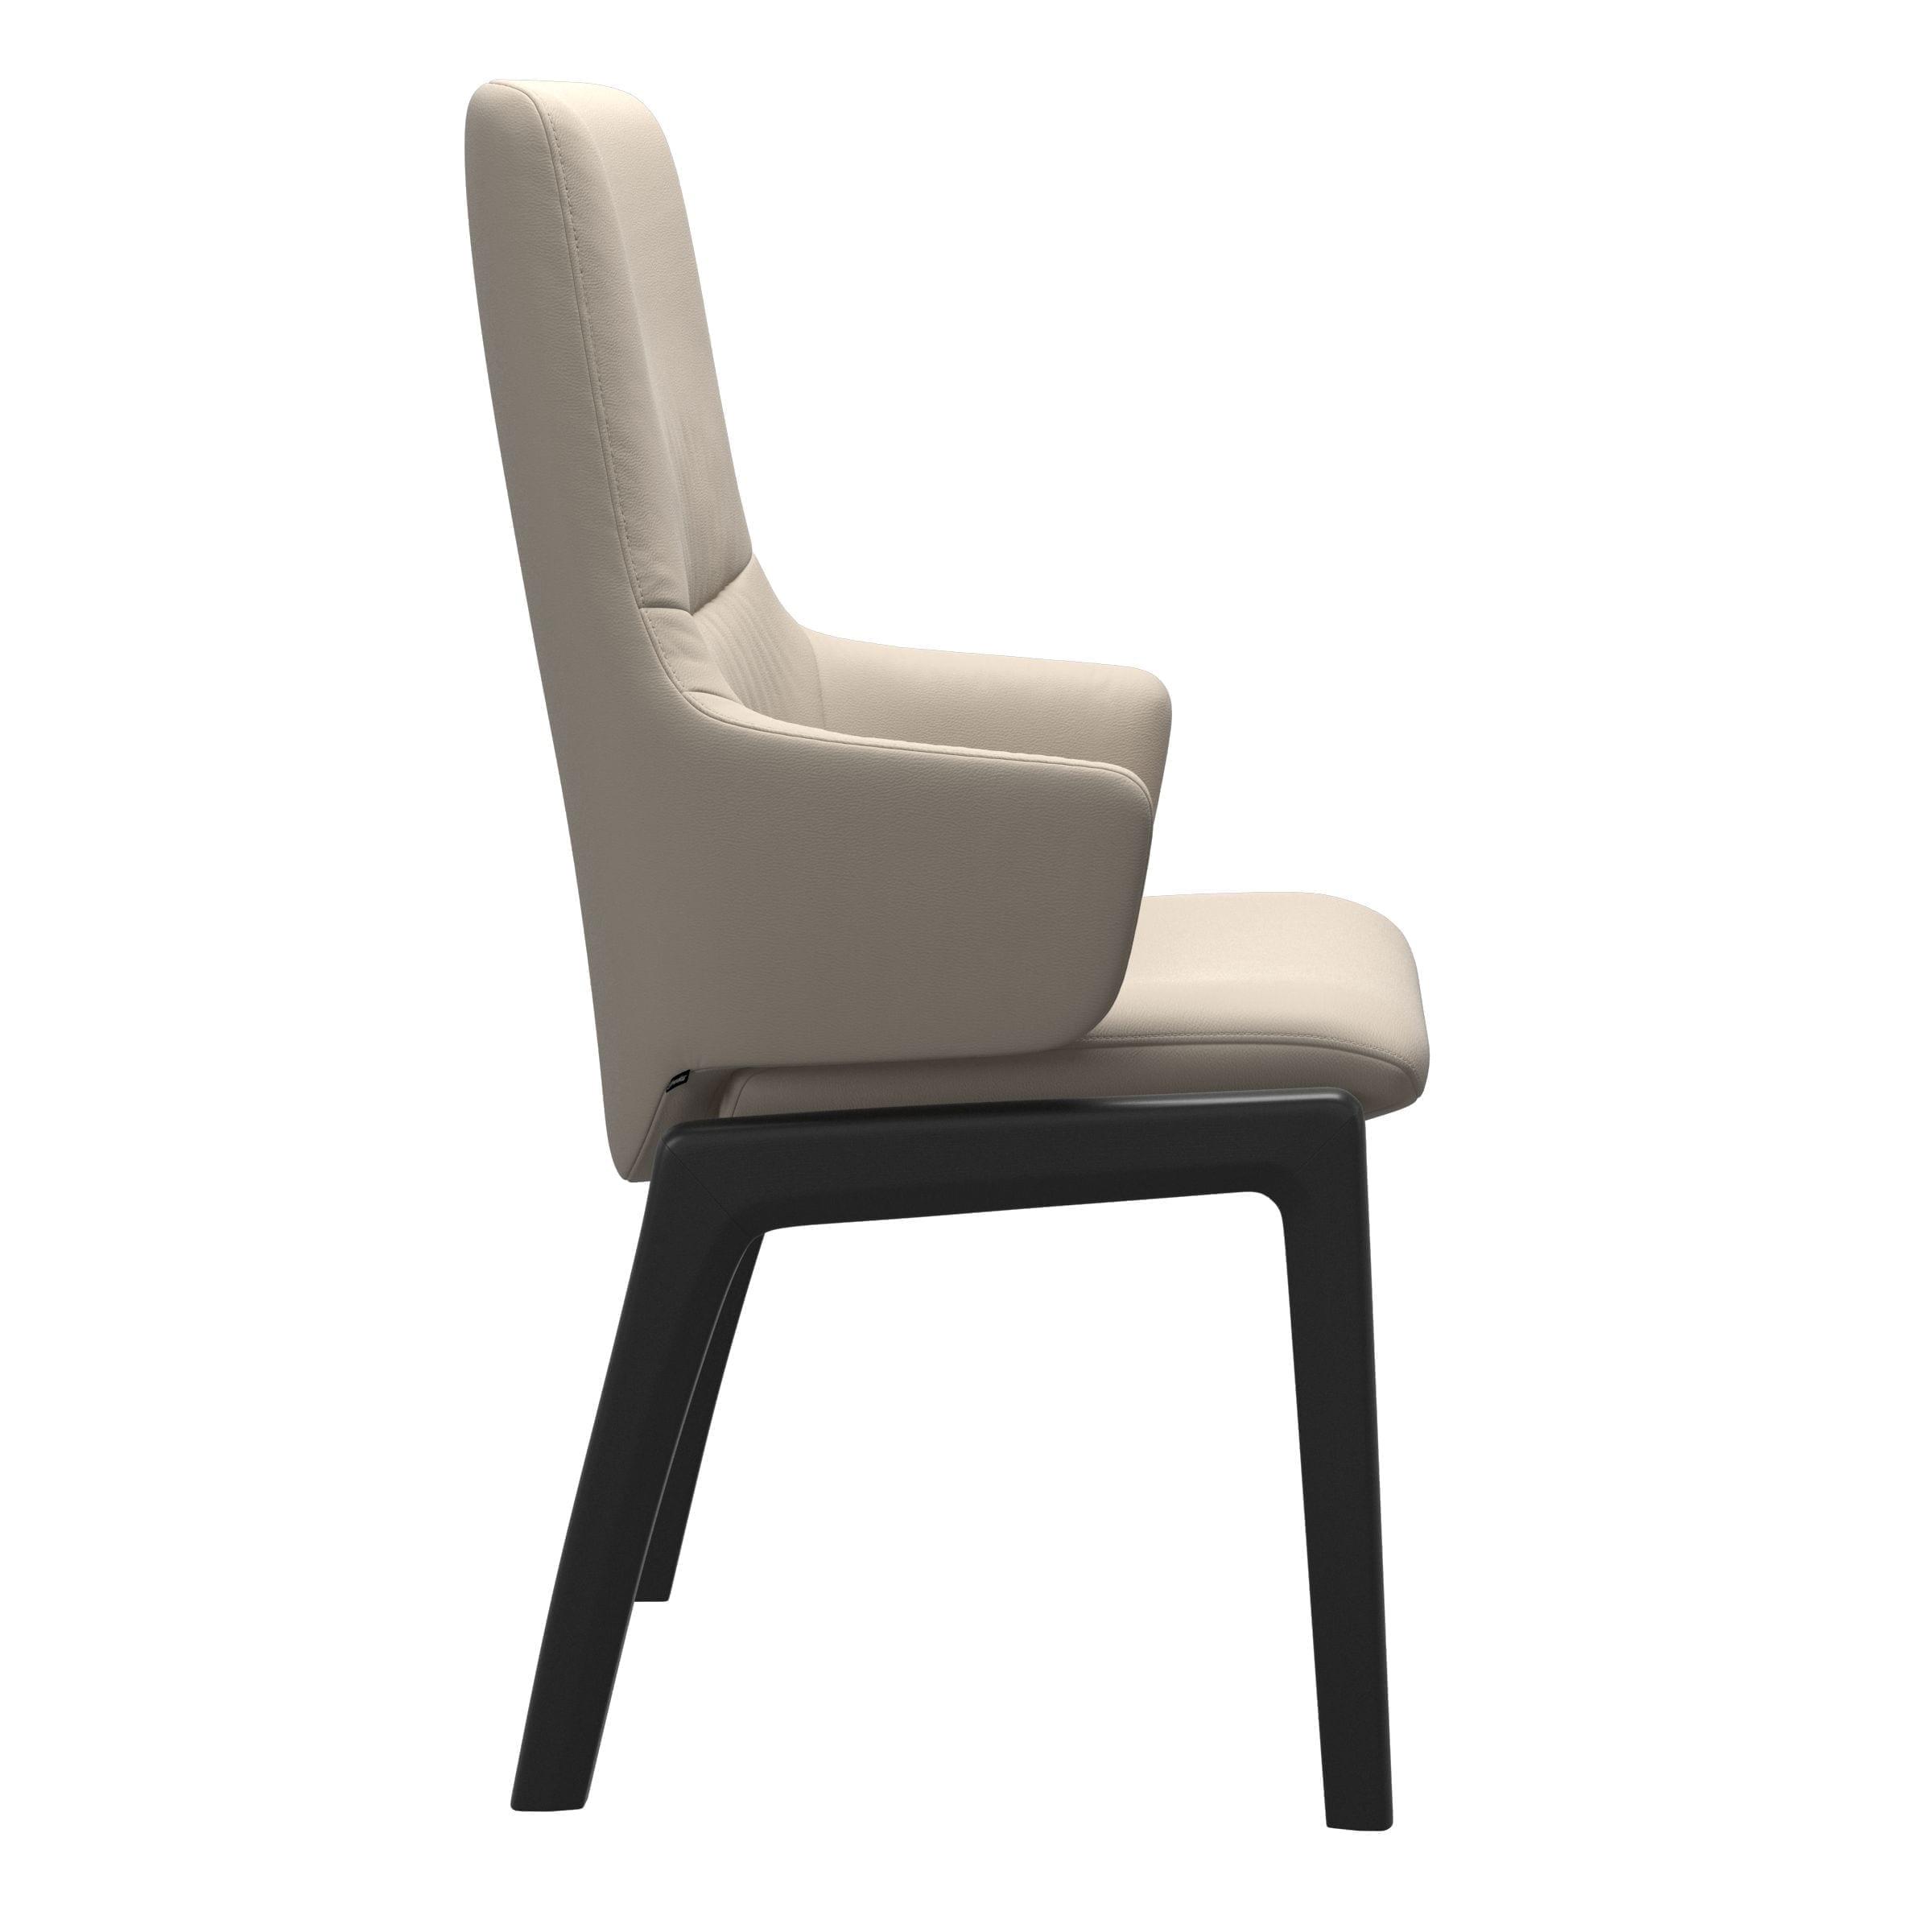 Mint High Back Chair D100 2